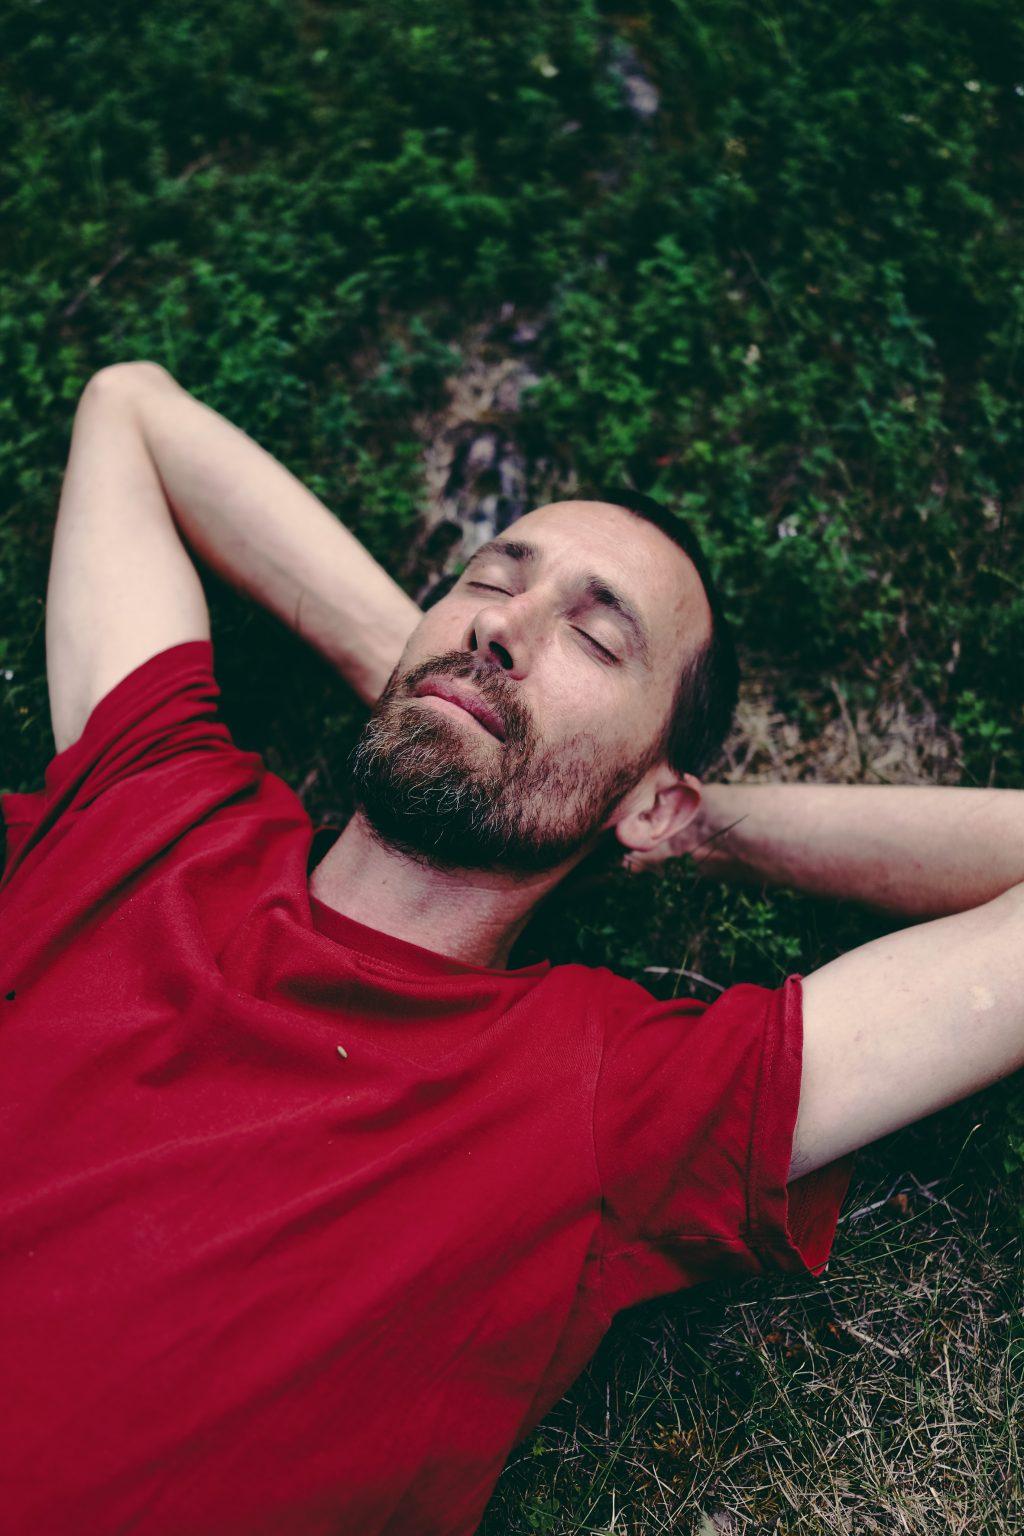 Bonneuil-Matours, France, August 2019 - La Maison Neuve. Portrait of Tristan Plot. ><  Bonneuil-Matours, Francia, agosto 2019 - La Maison Neuve. Ritratto di Tristan Plot.*** SPECIAL   FEE   APPLIES ***